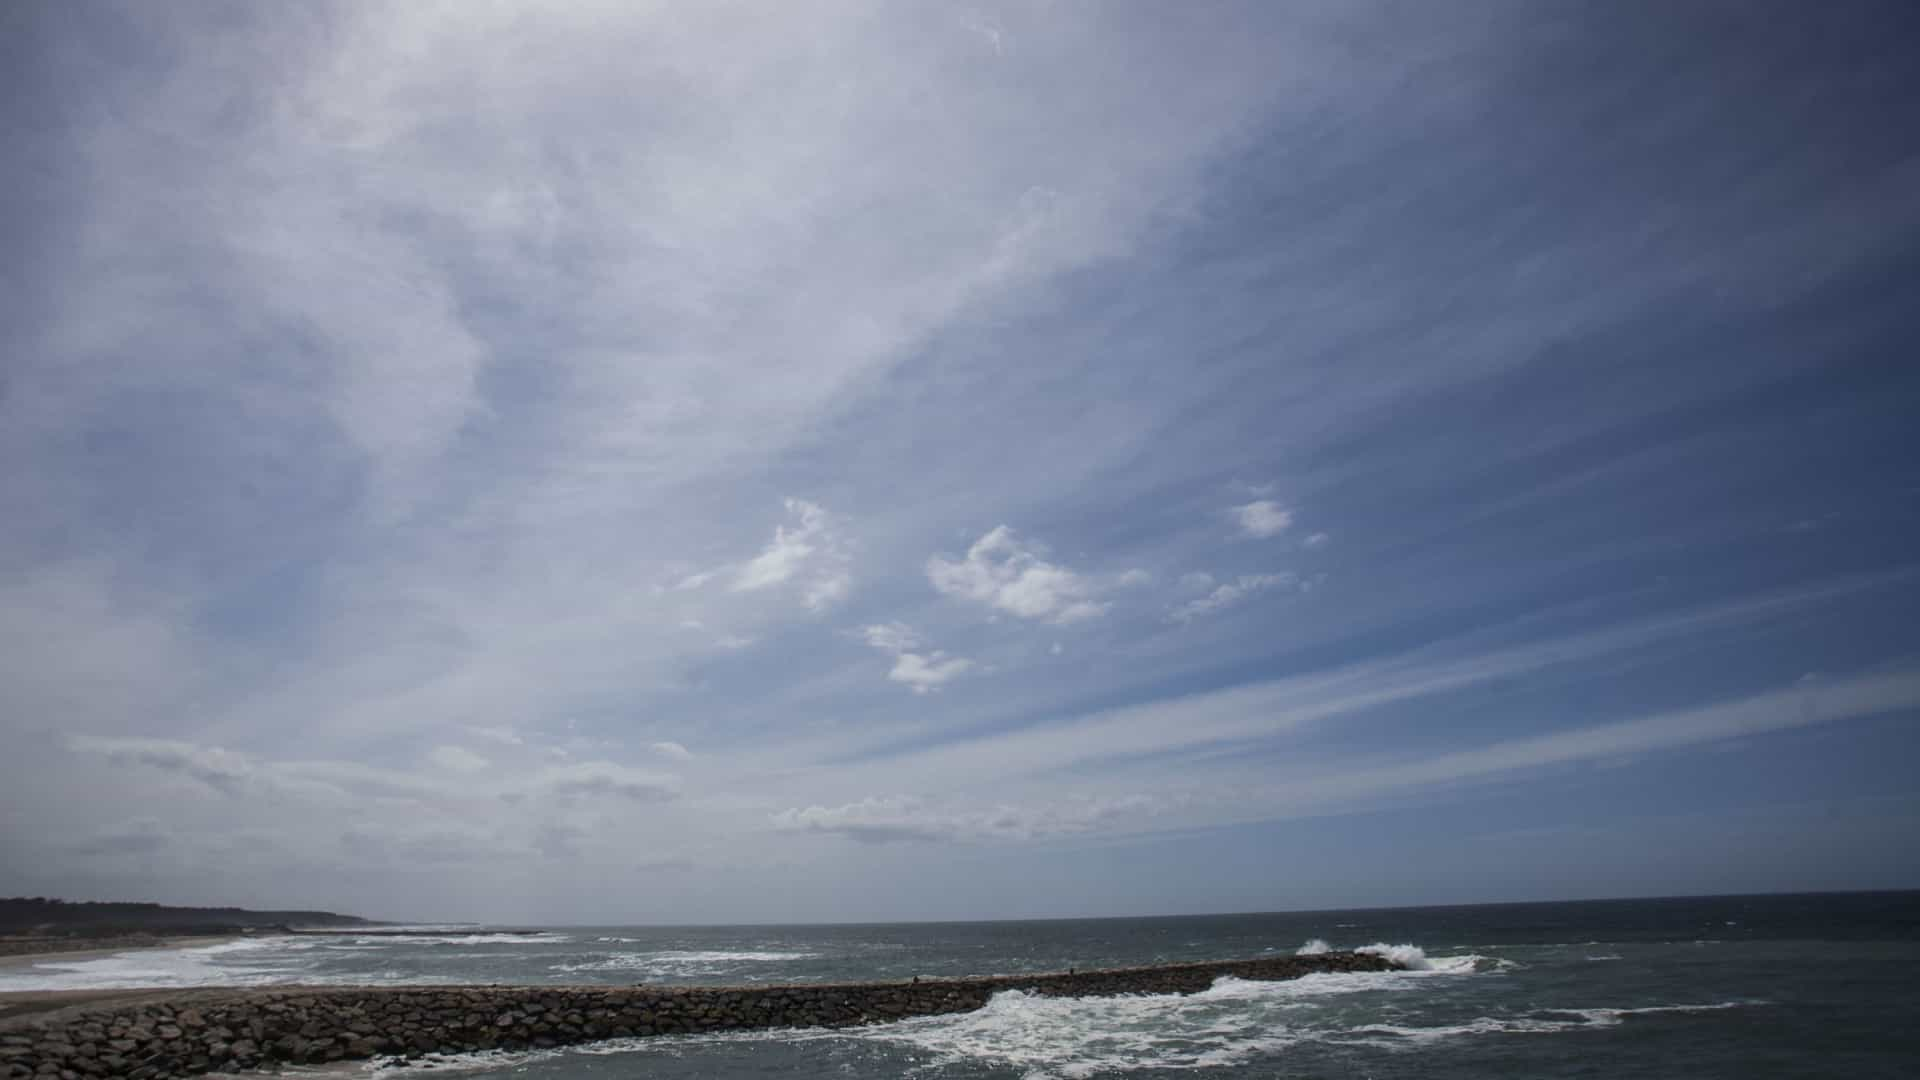 Resgatados dois pescadores naufragados em Cortegaça